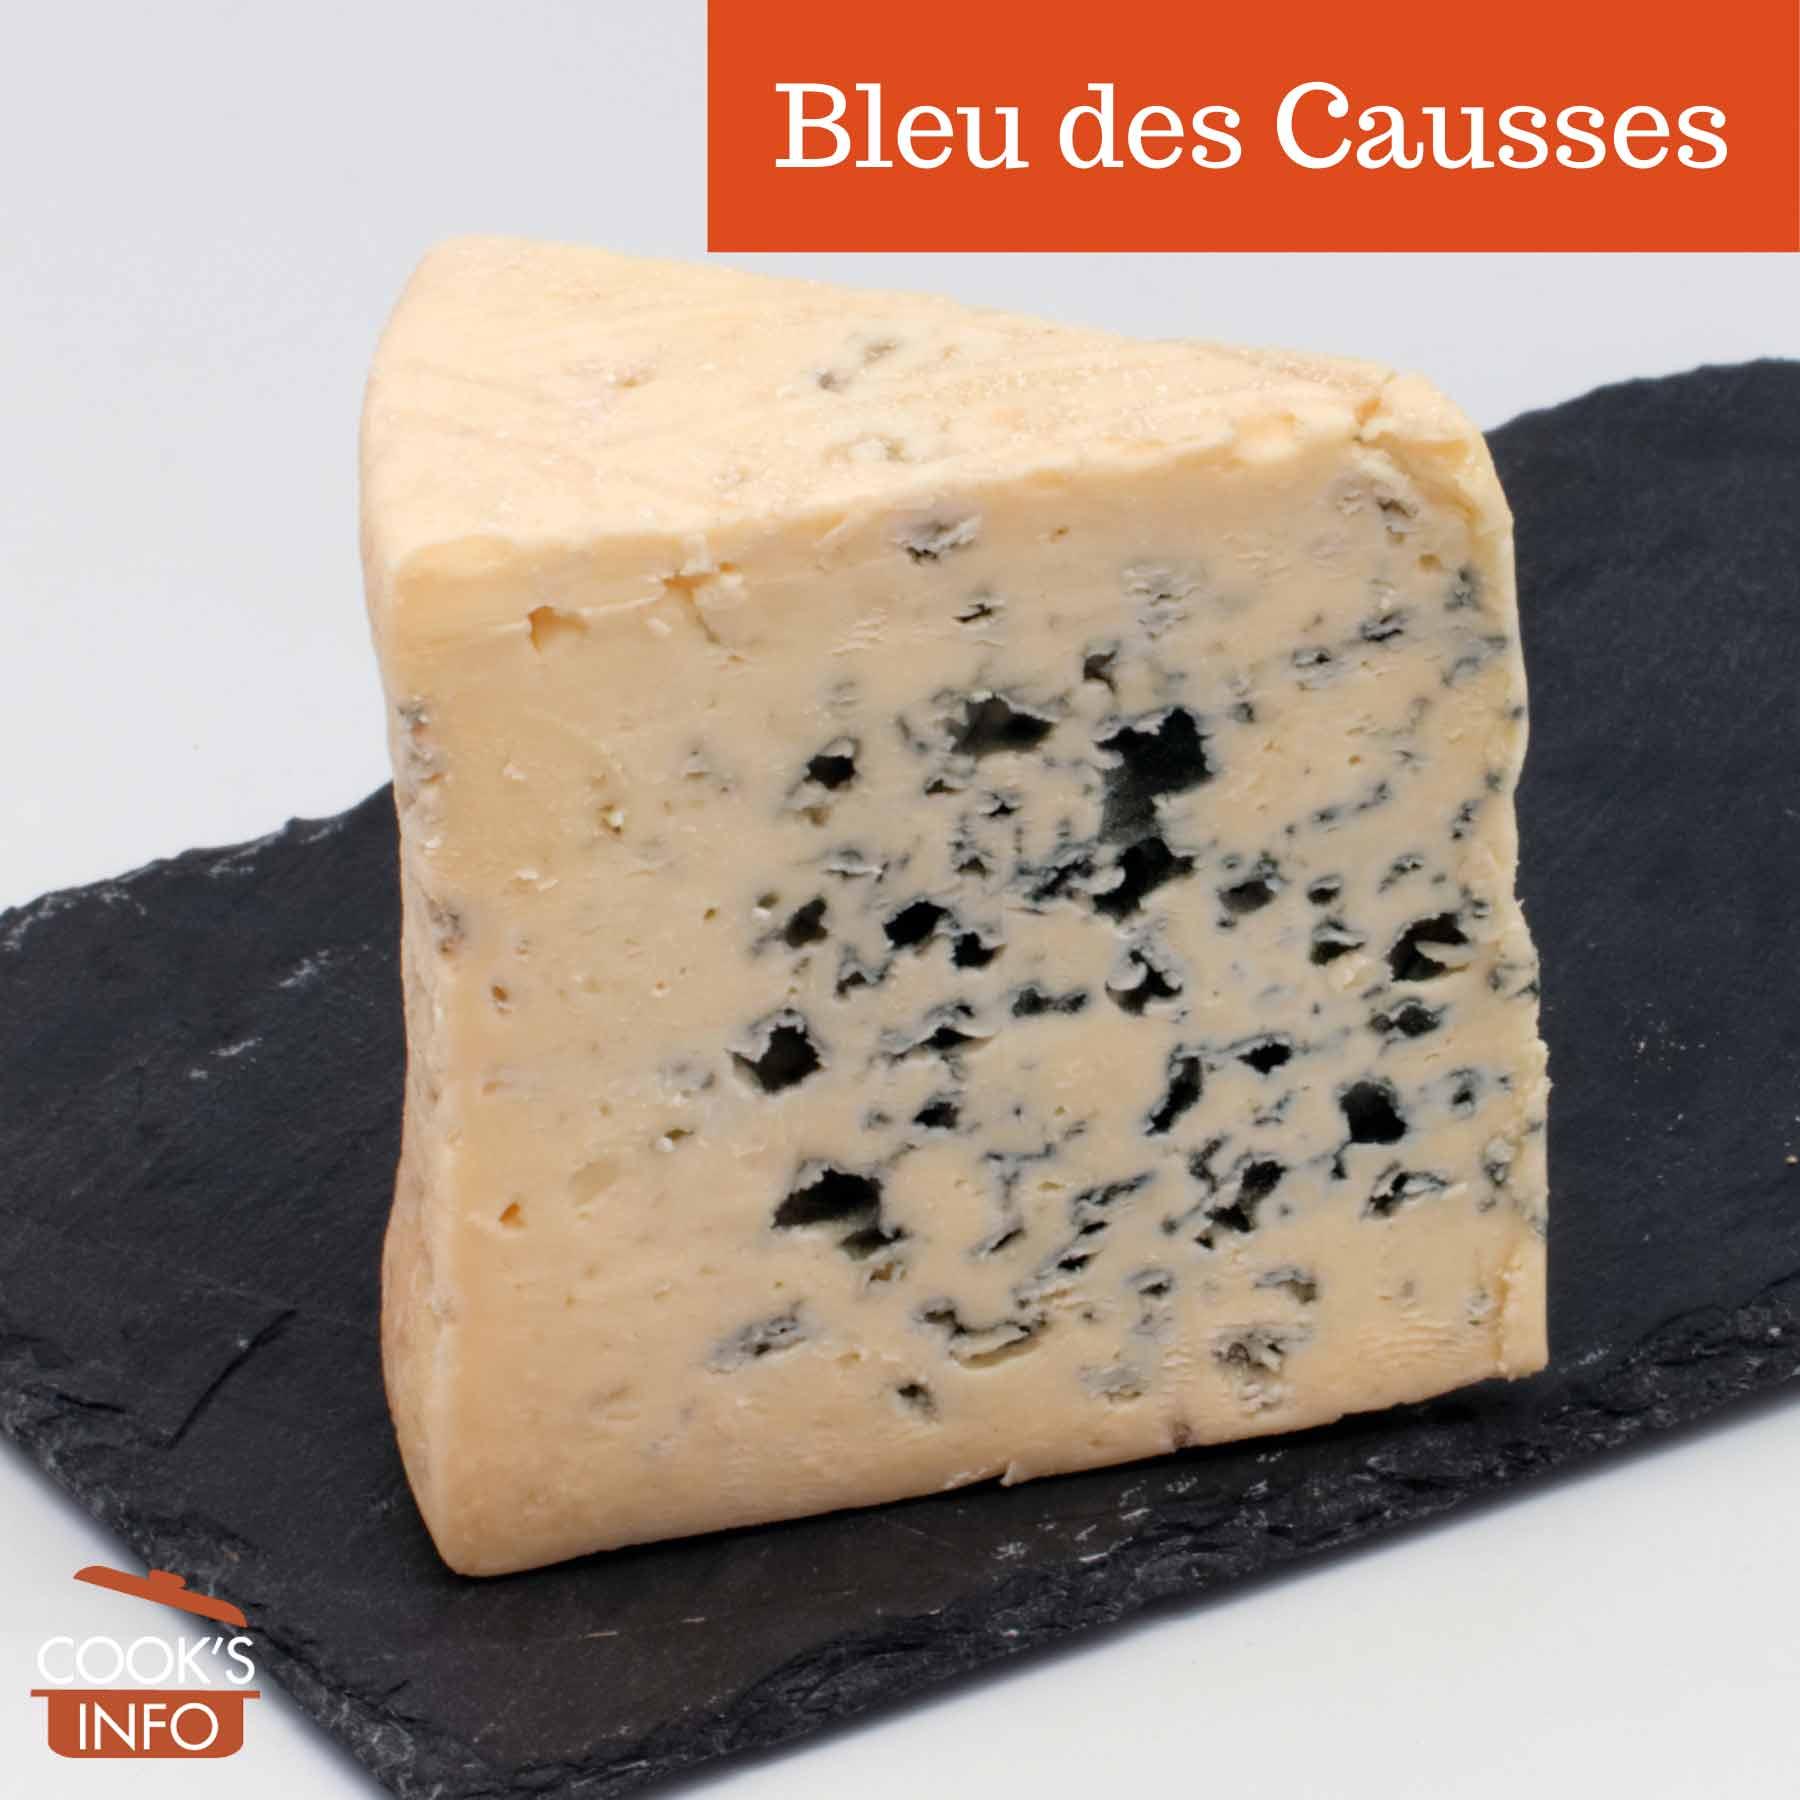 Bleu des Causses cheese